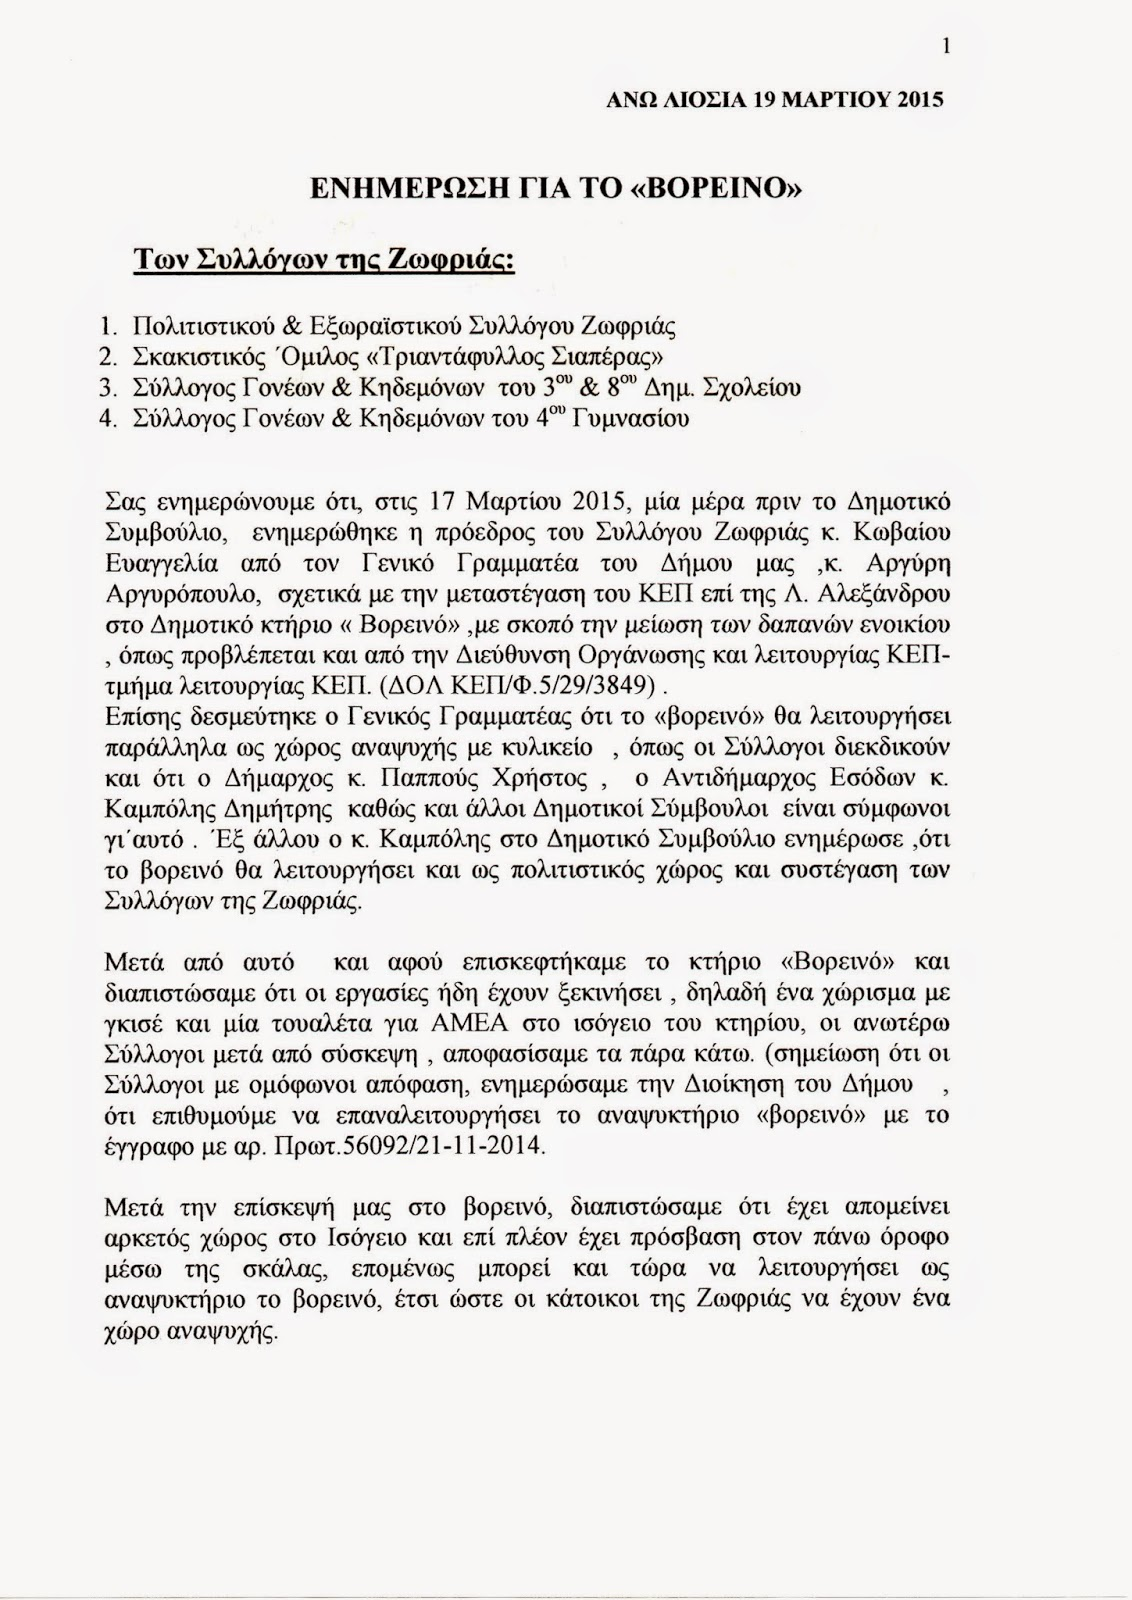 Ο σύλλογος Ζωφριάς λέει ΝΑΙ για το ΚΕΠ και ζητάει τη λειτουργία του  Αναψυκταρίου.